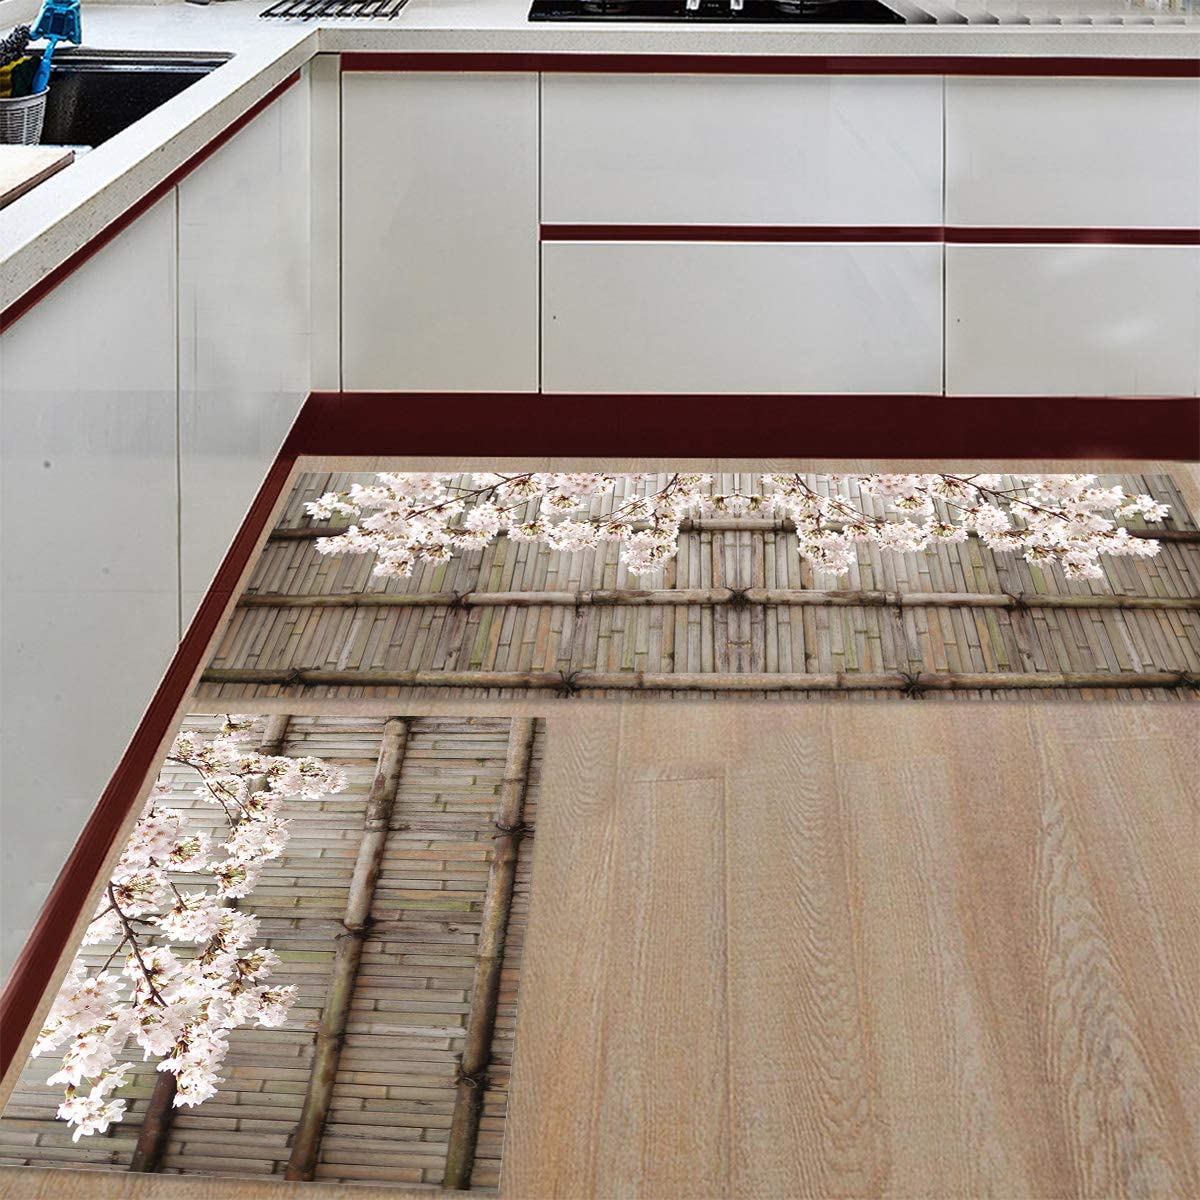 Prime Leader 2 Piece Non-Slip Kitchen Mat Runner Rug Set Doormat Bamboo Door and Cherry Blossom Door Mats Rubber Backing Carpet Indoor Floor Mat 23.6 x 35.4 23.6 x 70.9